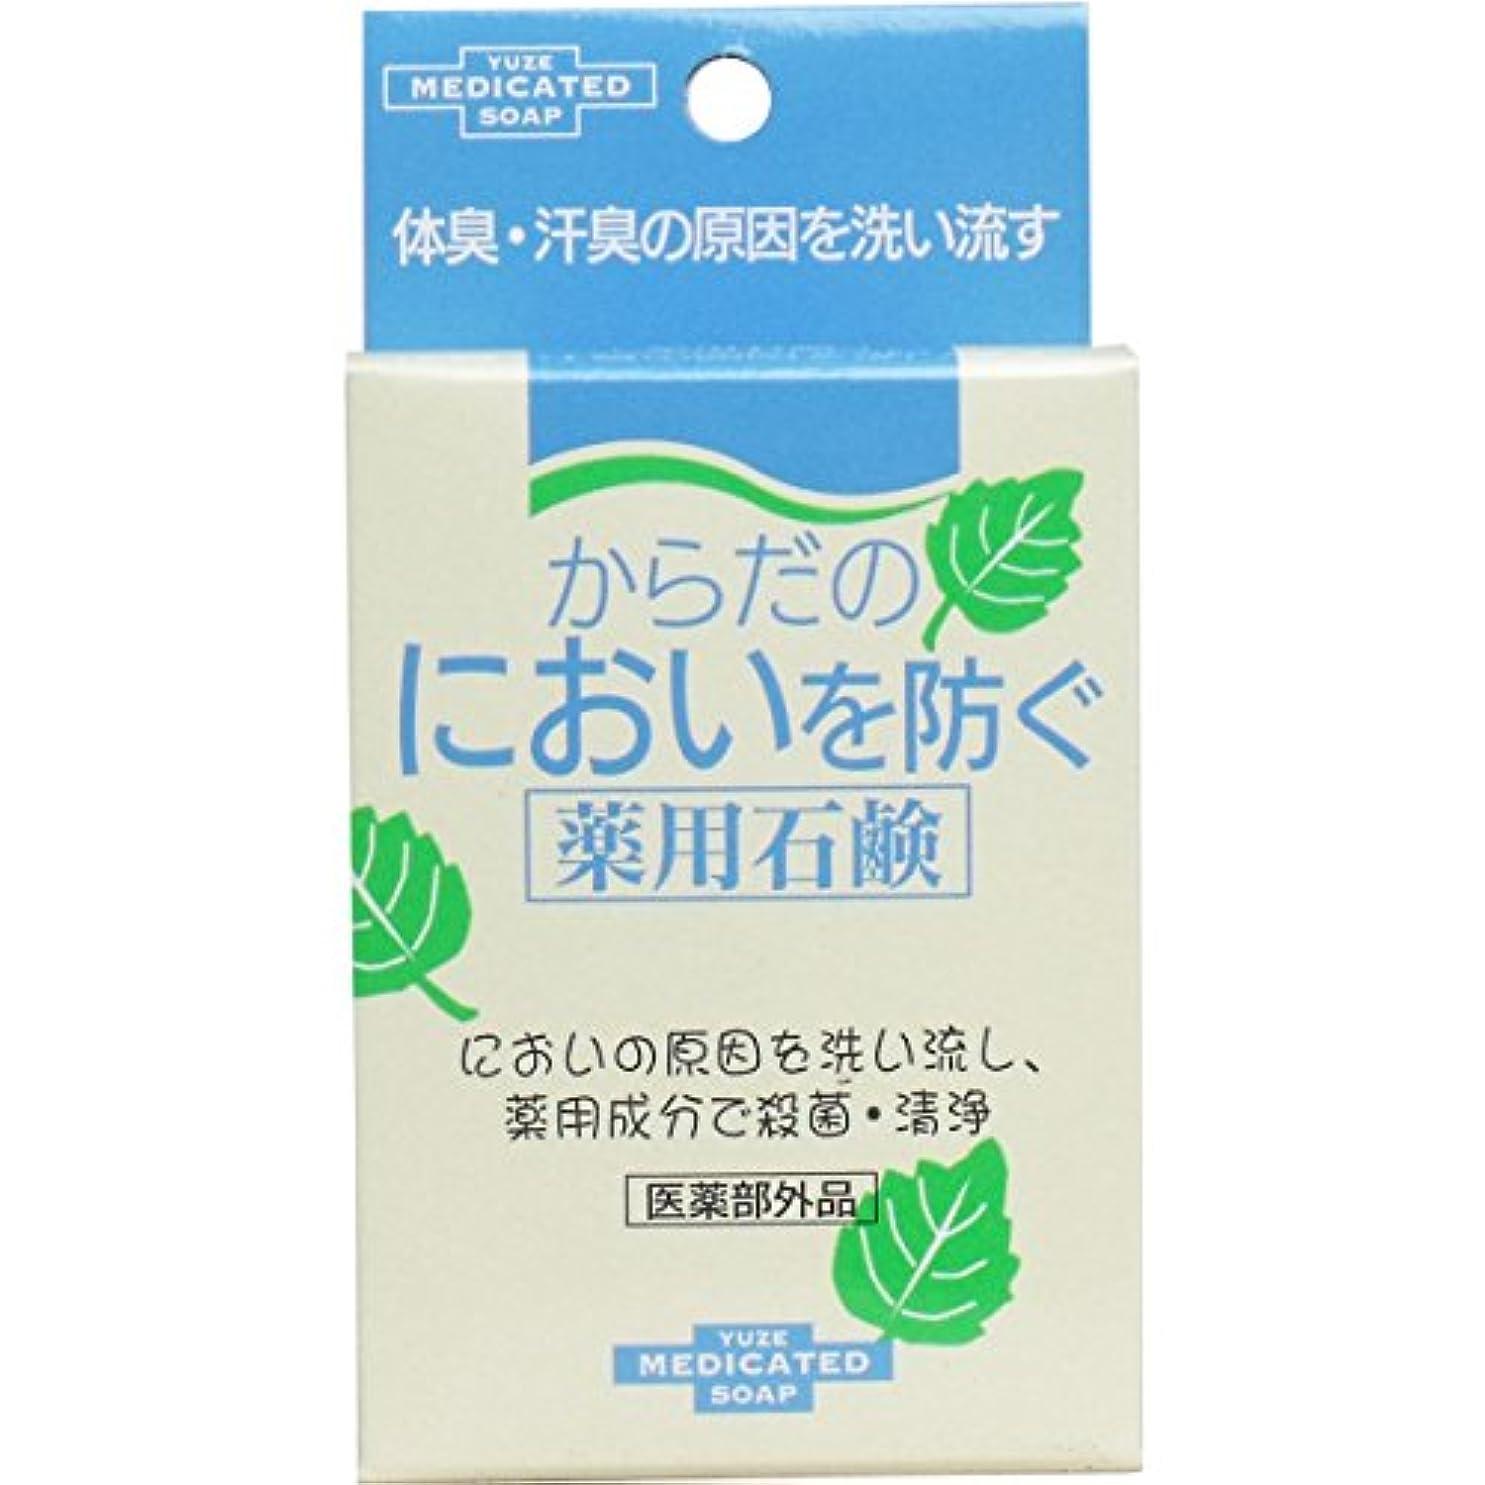 抱擁トン極端なユゼ からだのにおいを防ぐ薬用石鹸 7セット